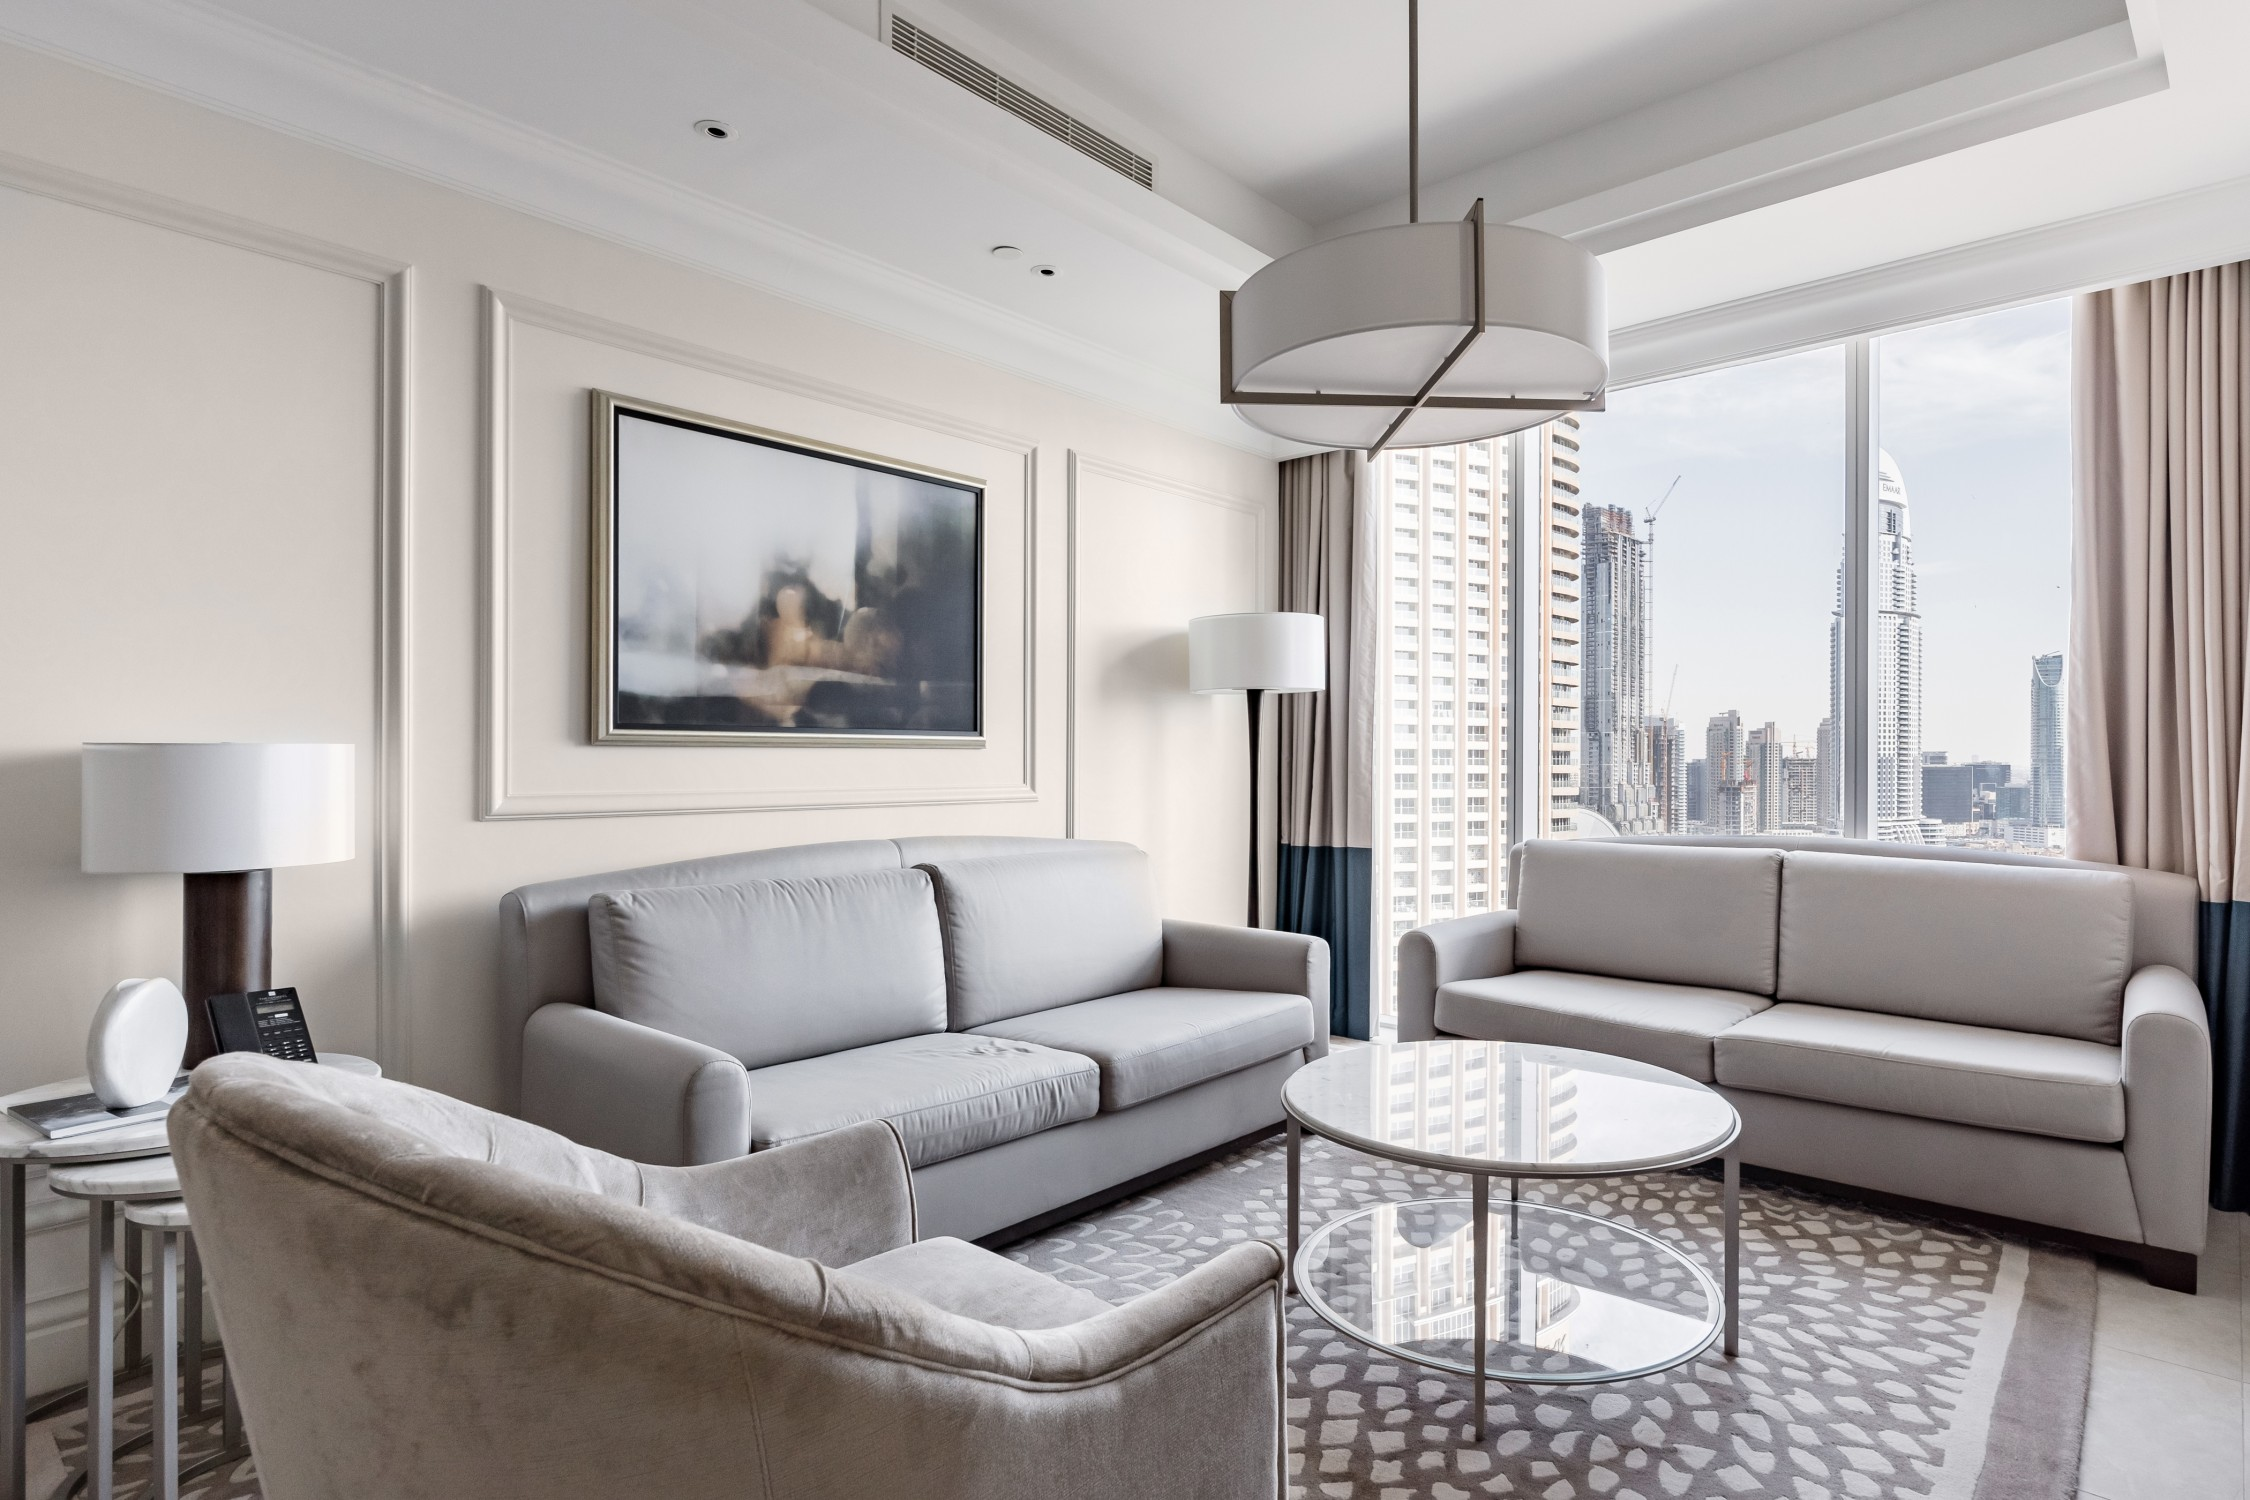 Romantic Airbnb Dubai